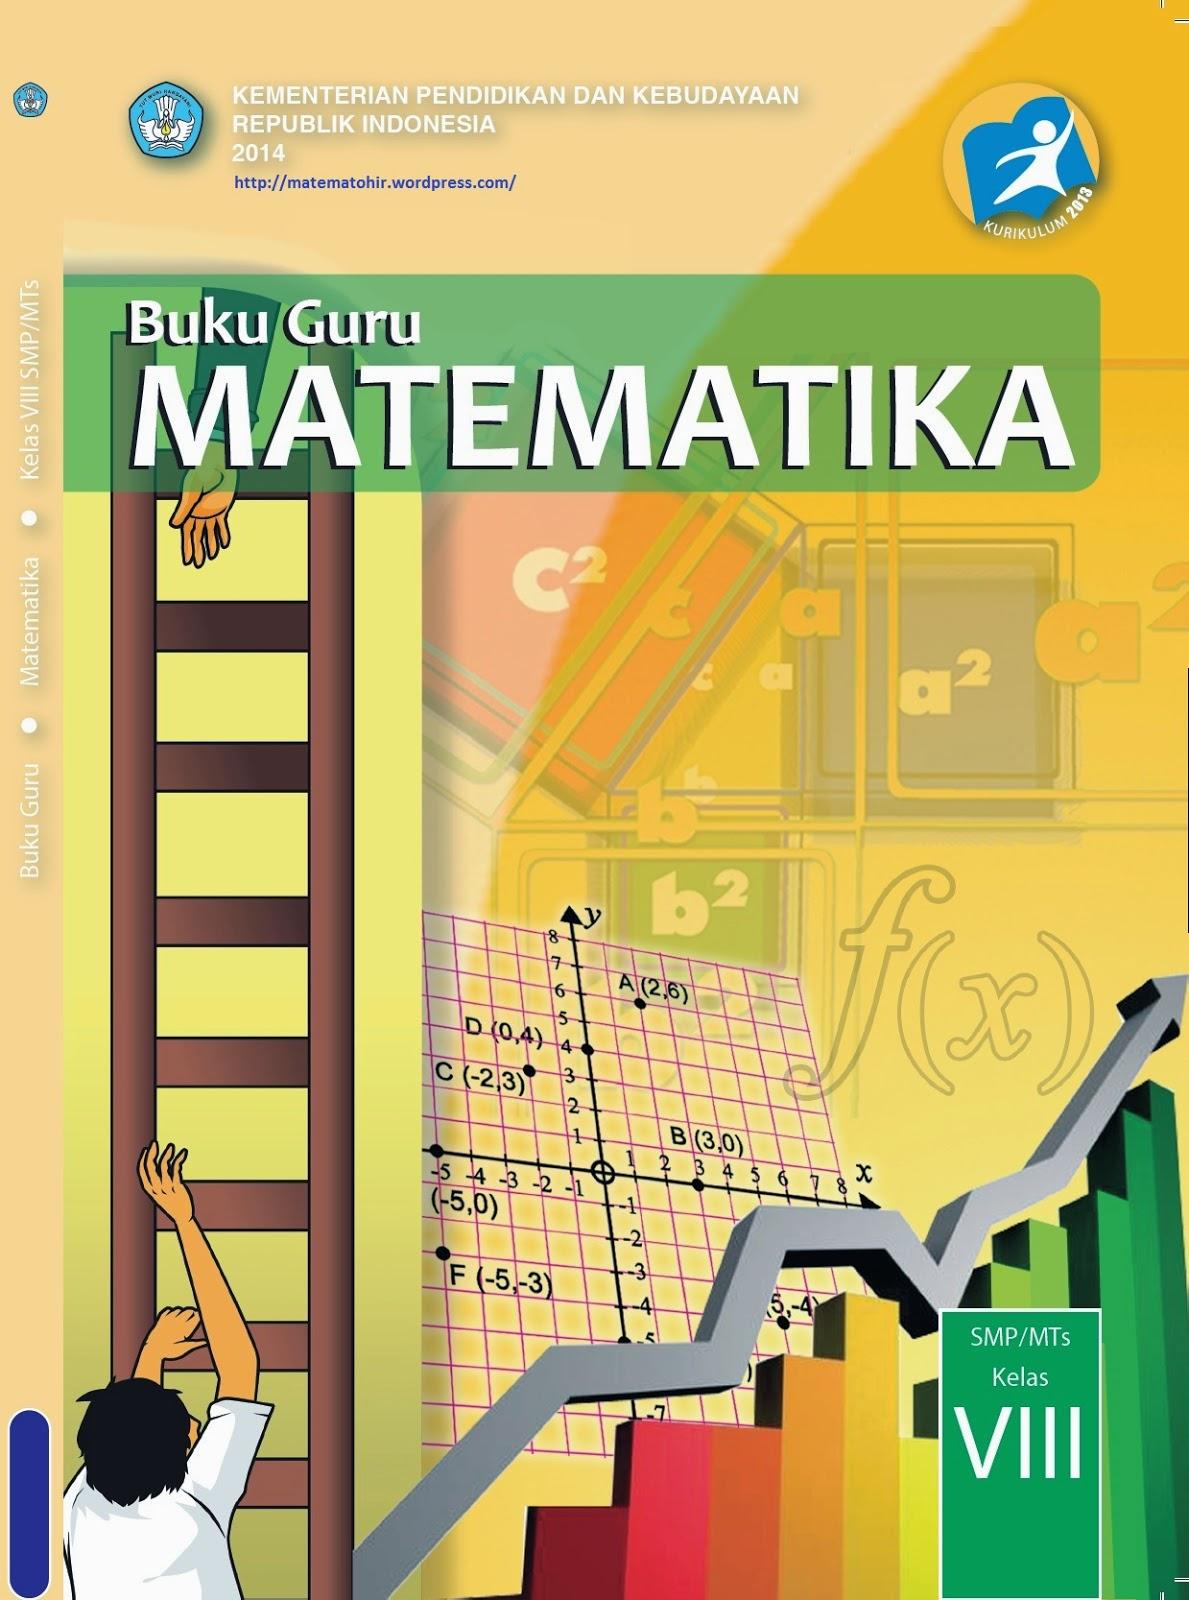 Bahasa Indonesia Smp Kurikulum 2013 Pelajaran Bahasa Indonesia Di Jari Kamu Buku Pegangan Guru Dan Siswa Kurikulum 2013 Edisi 2014 Matematohir